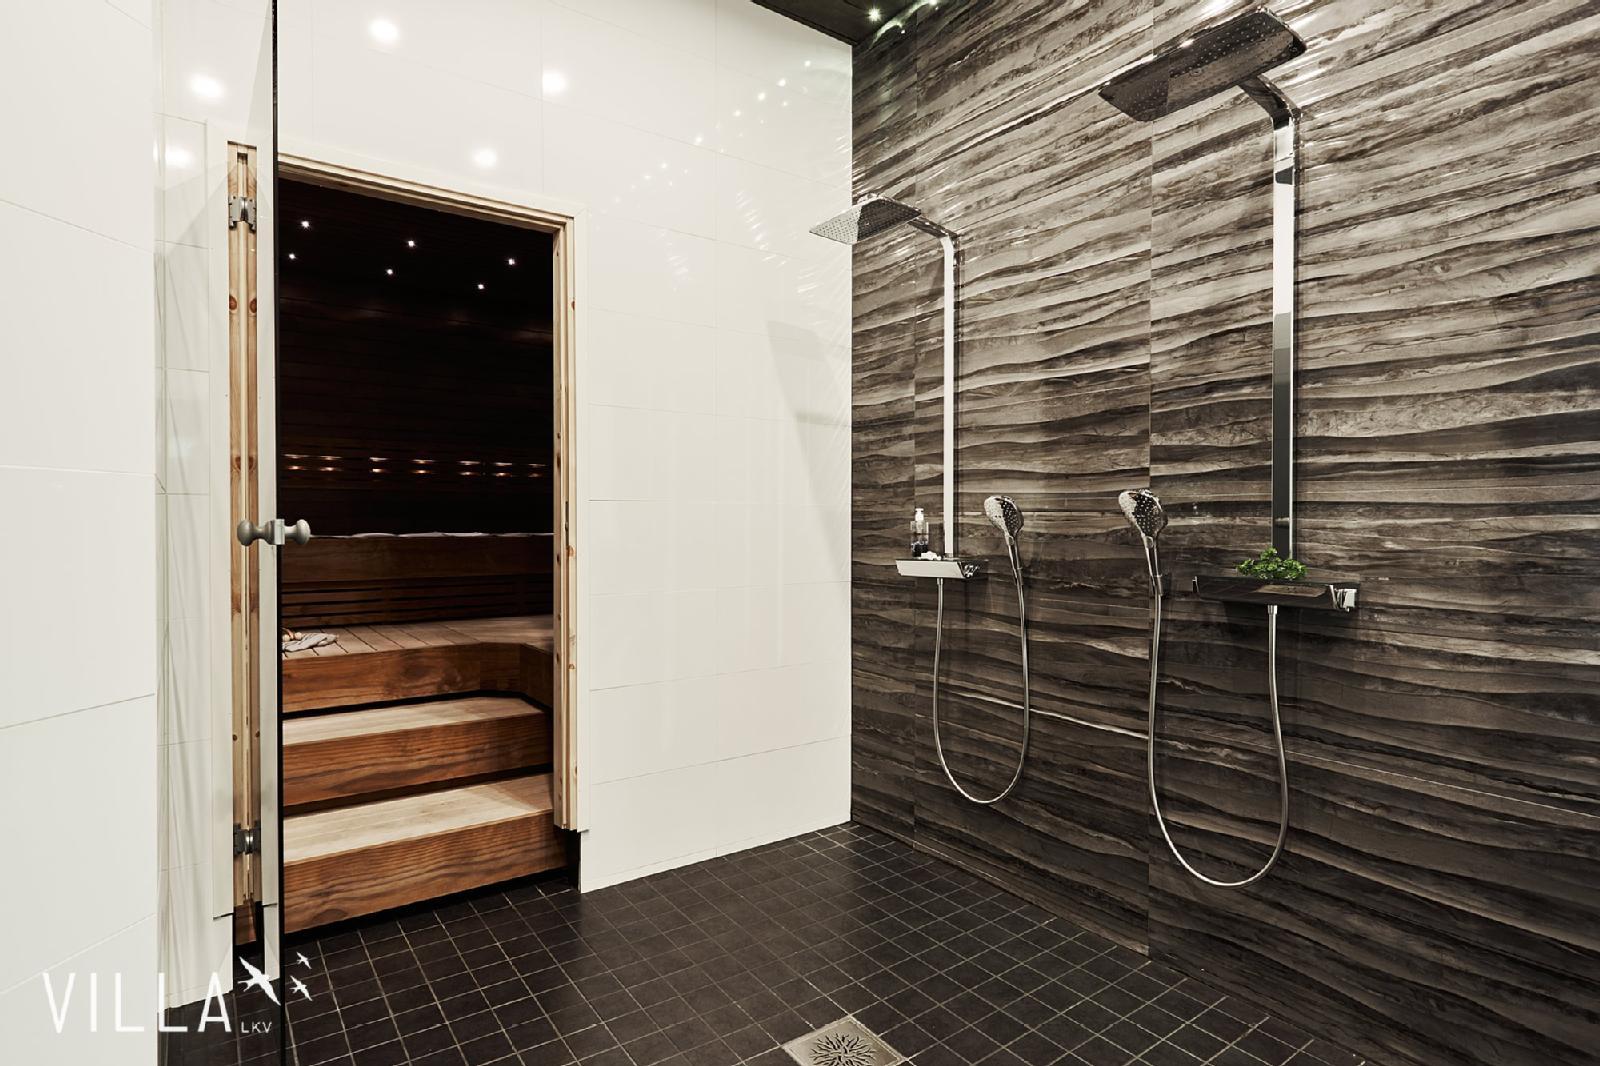 Näyttävät laatat sekä sadesuihkut kylpyhuoneessa  Etuovi com Ideat & vinkit